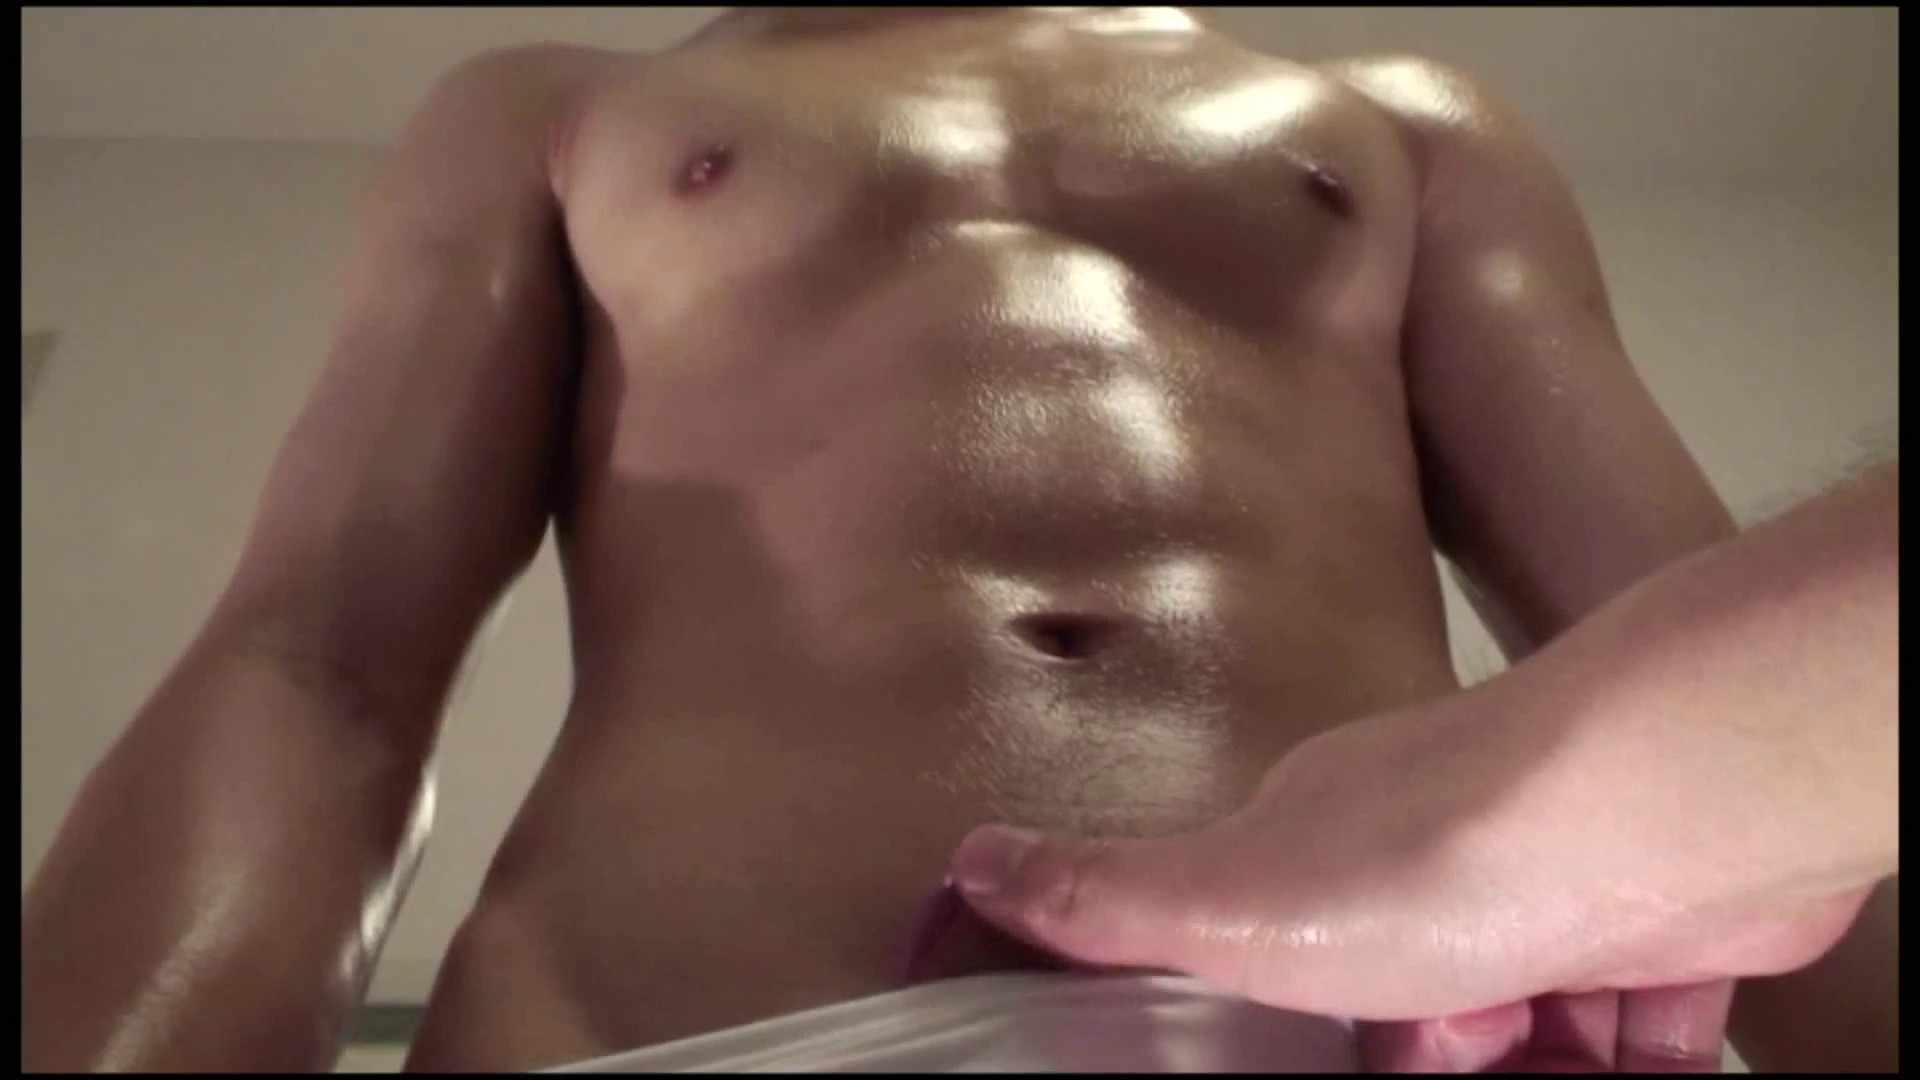 オイリーなマッチョはいかがですか? 肉まつり ゲイエロビデオ画像 67pic 31